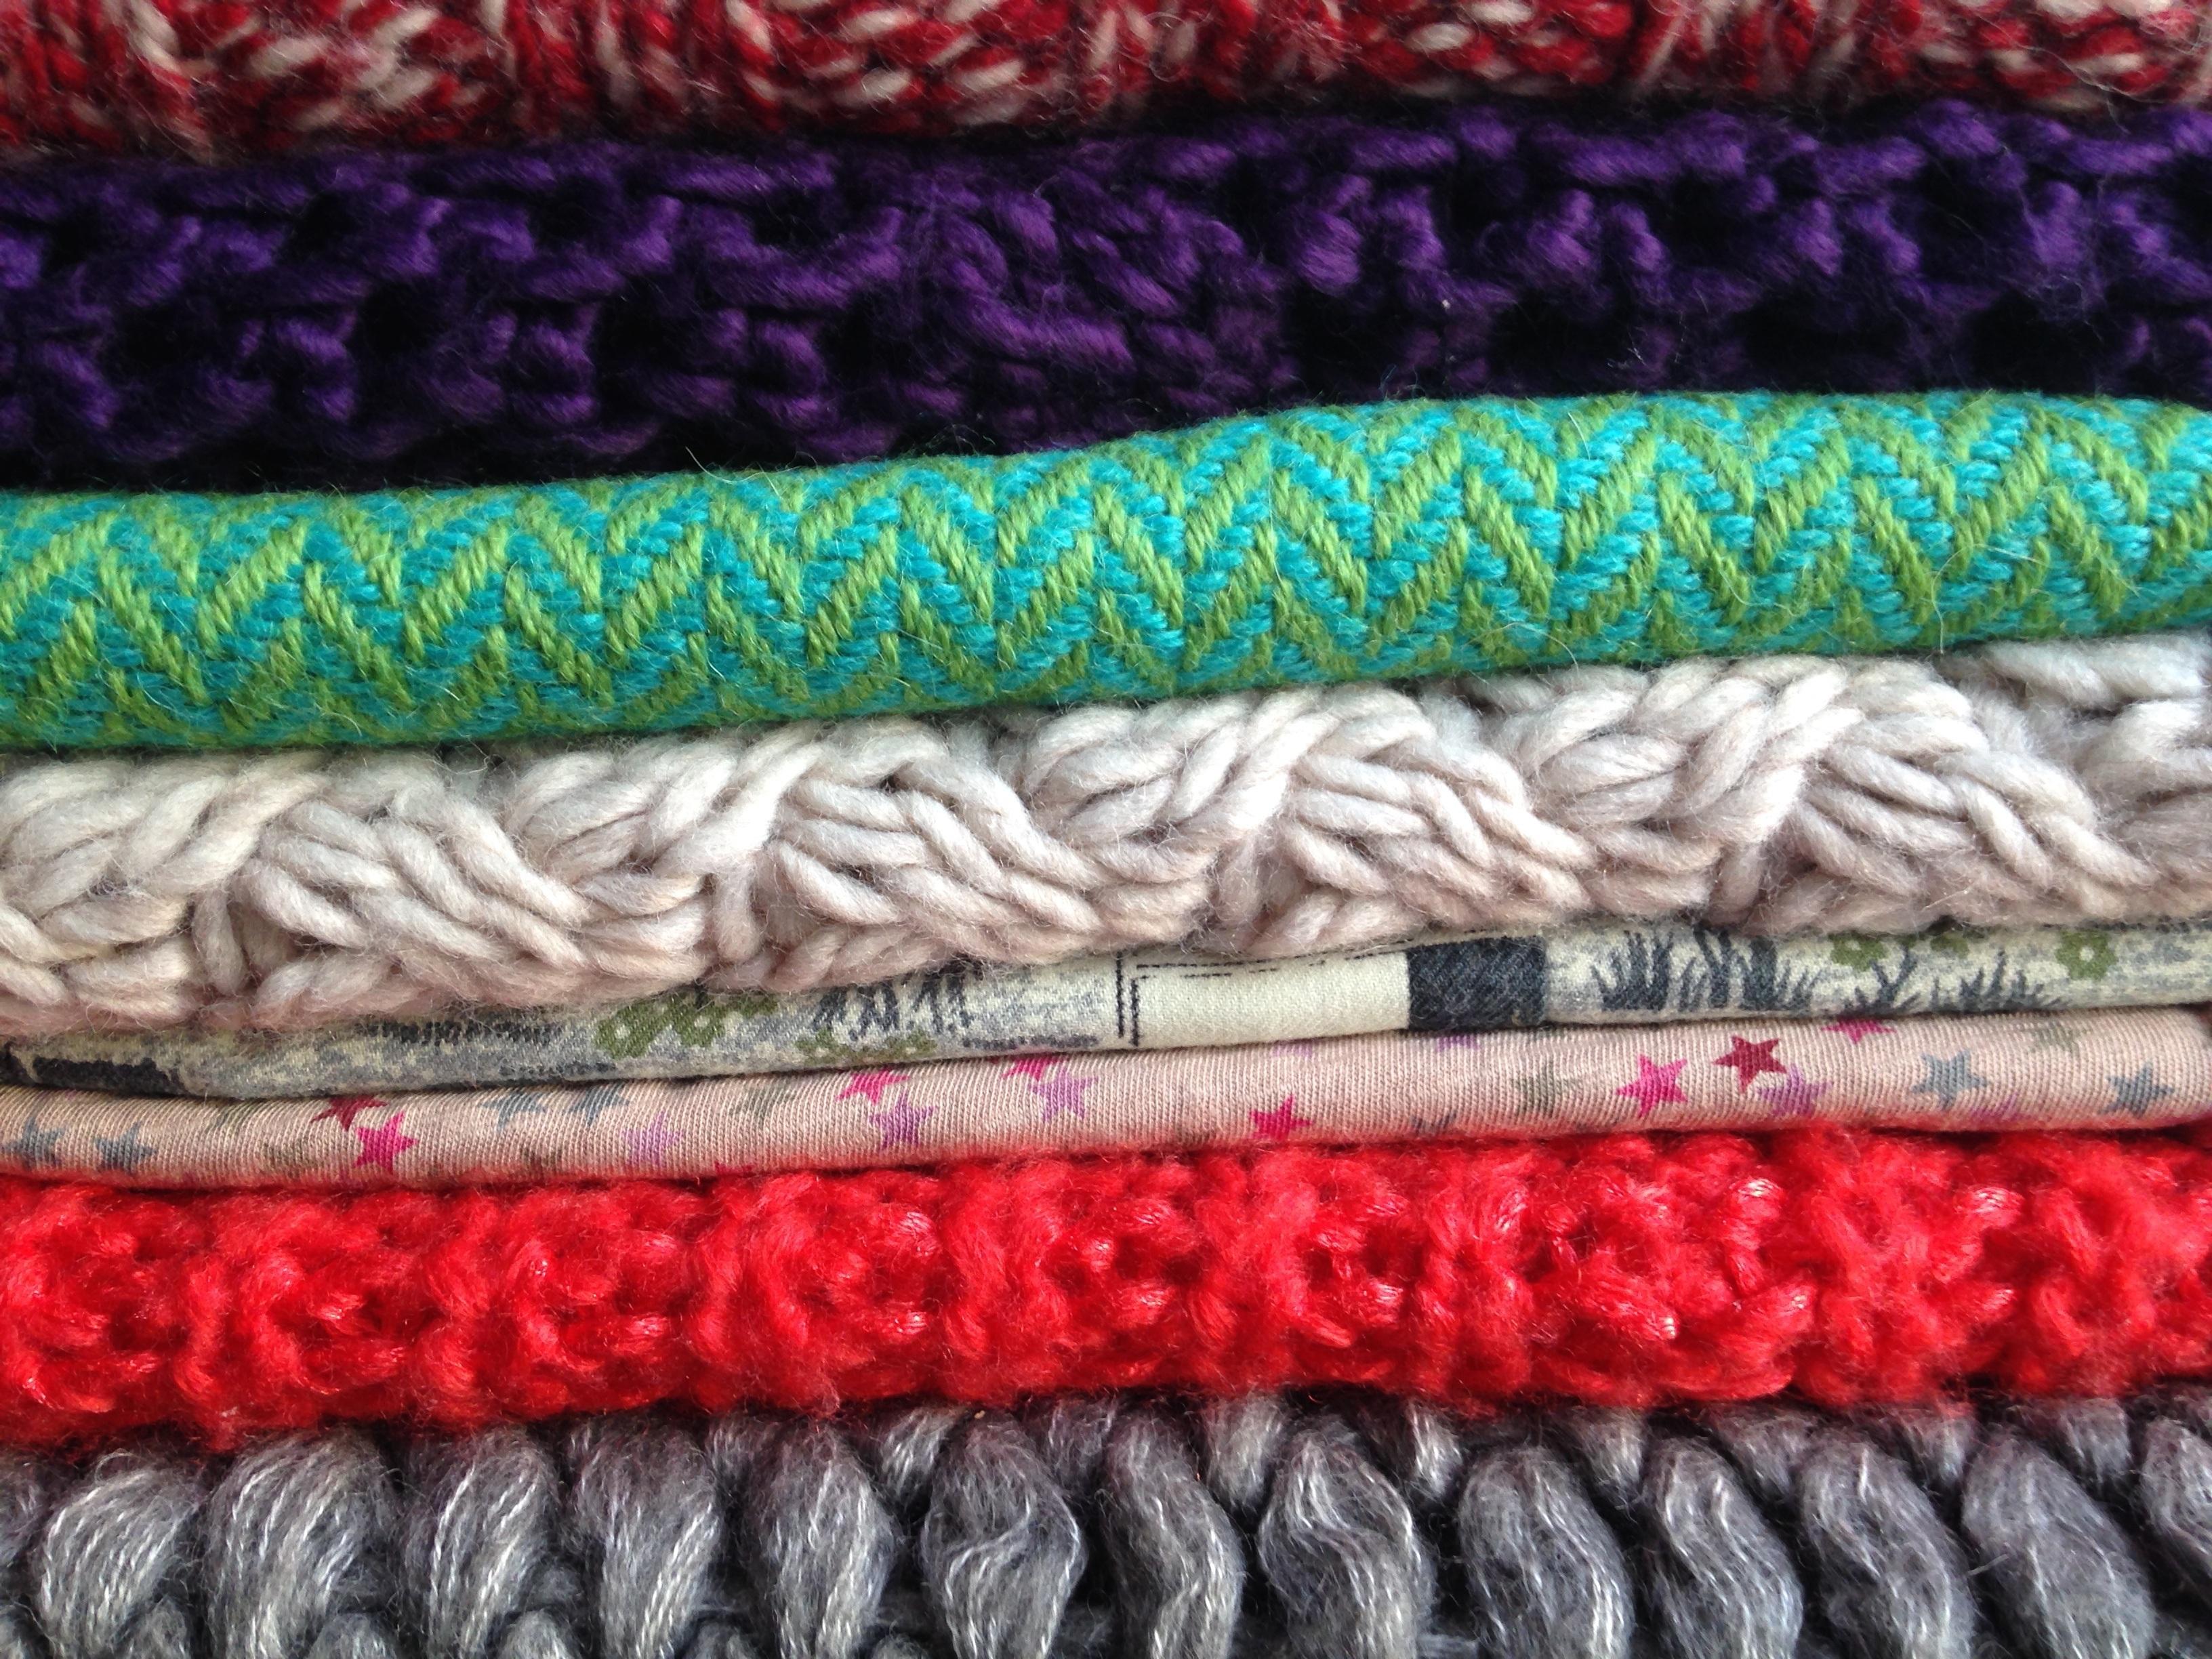 Fotos gratis : invierno, patrón, ropa, material, hilo, de lana ...